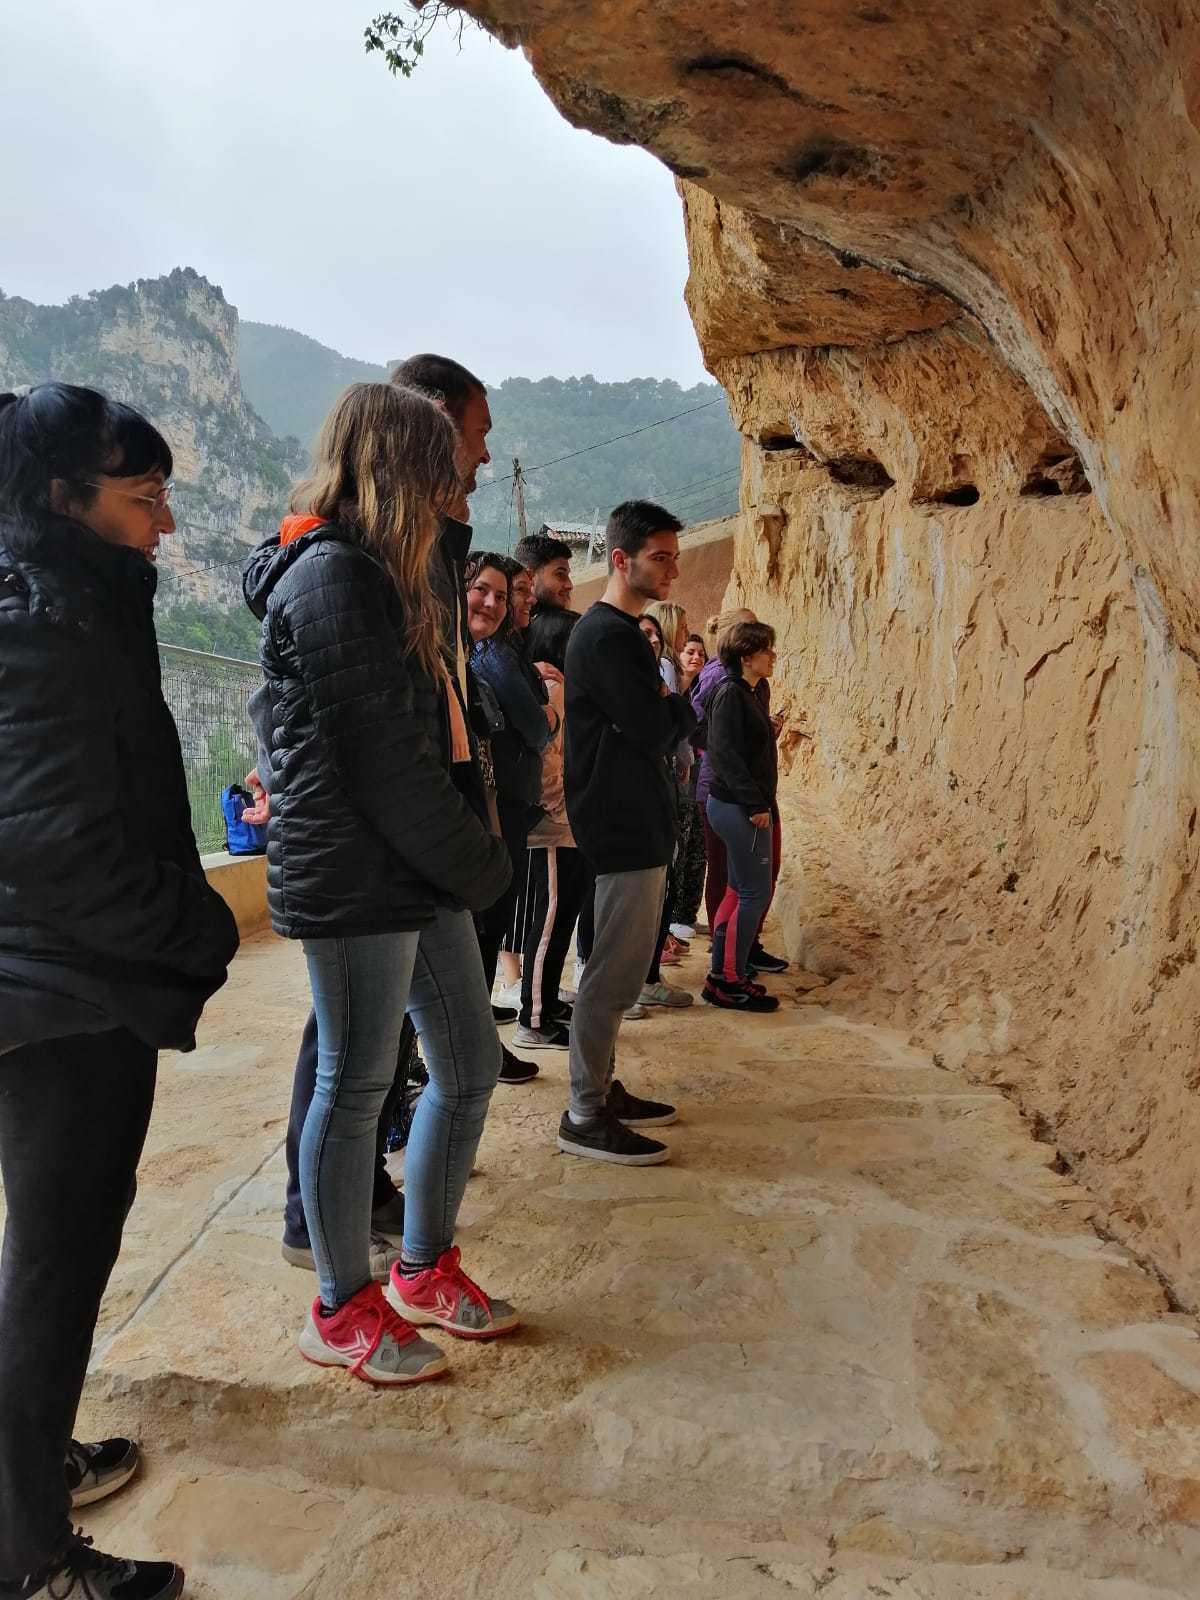 Peintures rupestres de la Cova dels Rossegadors